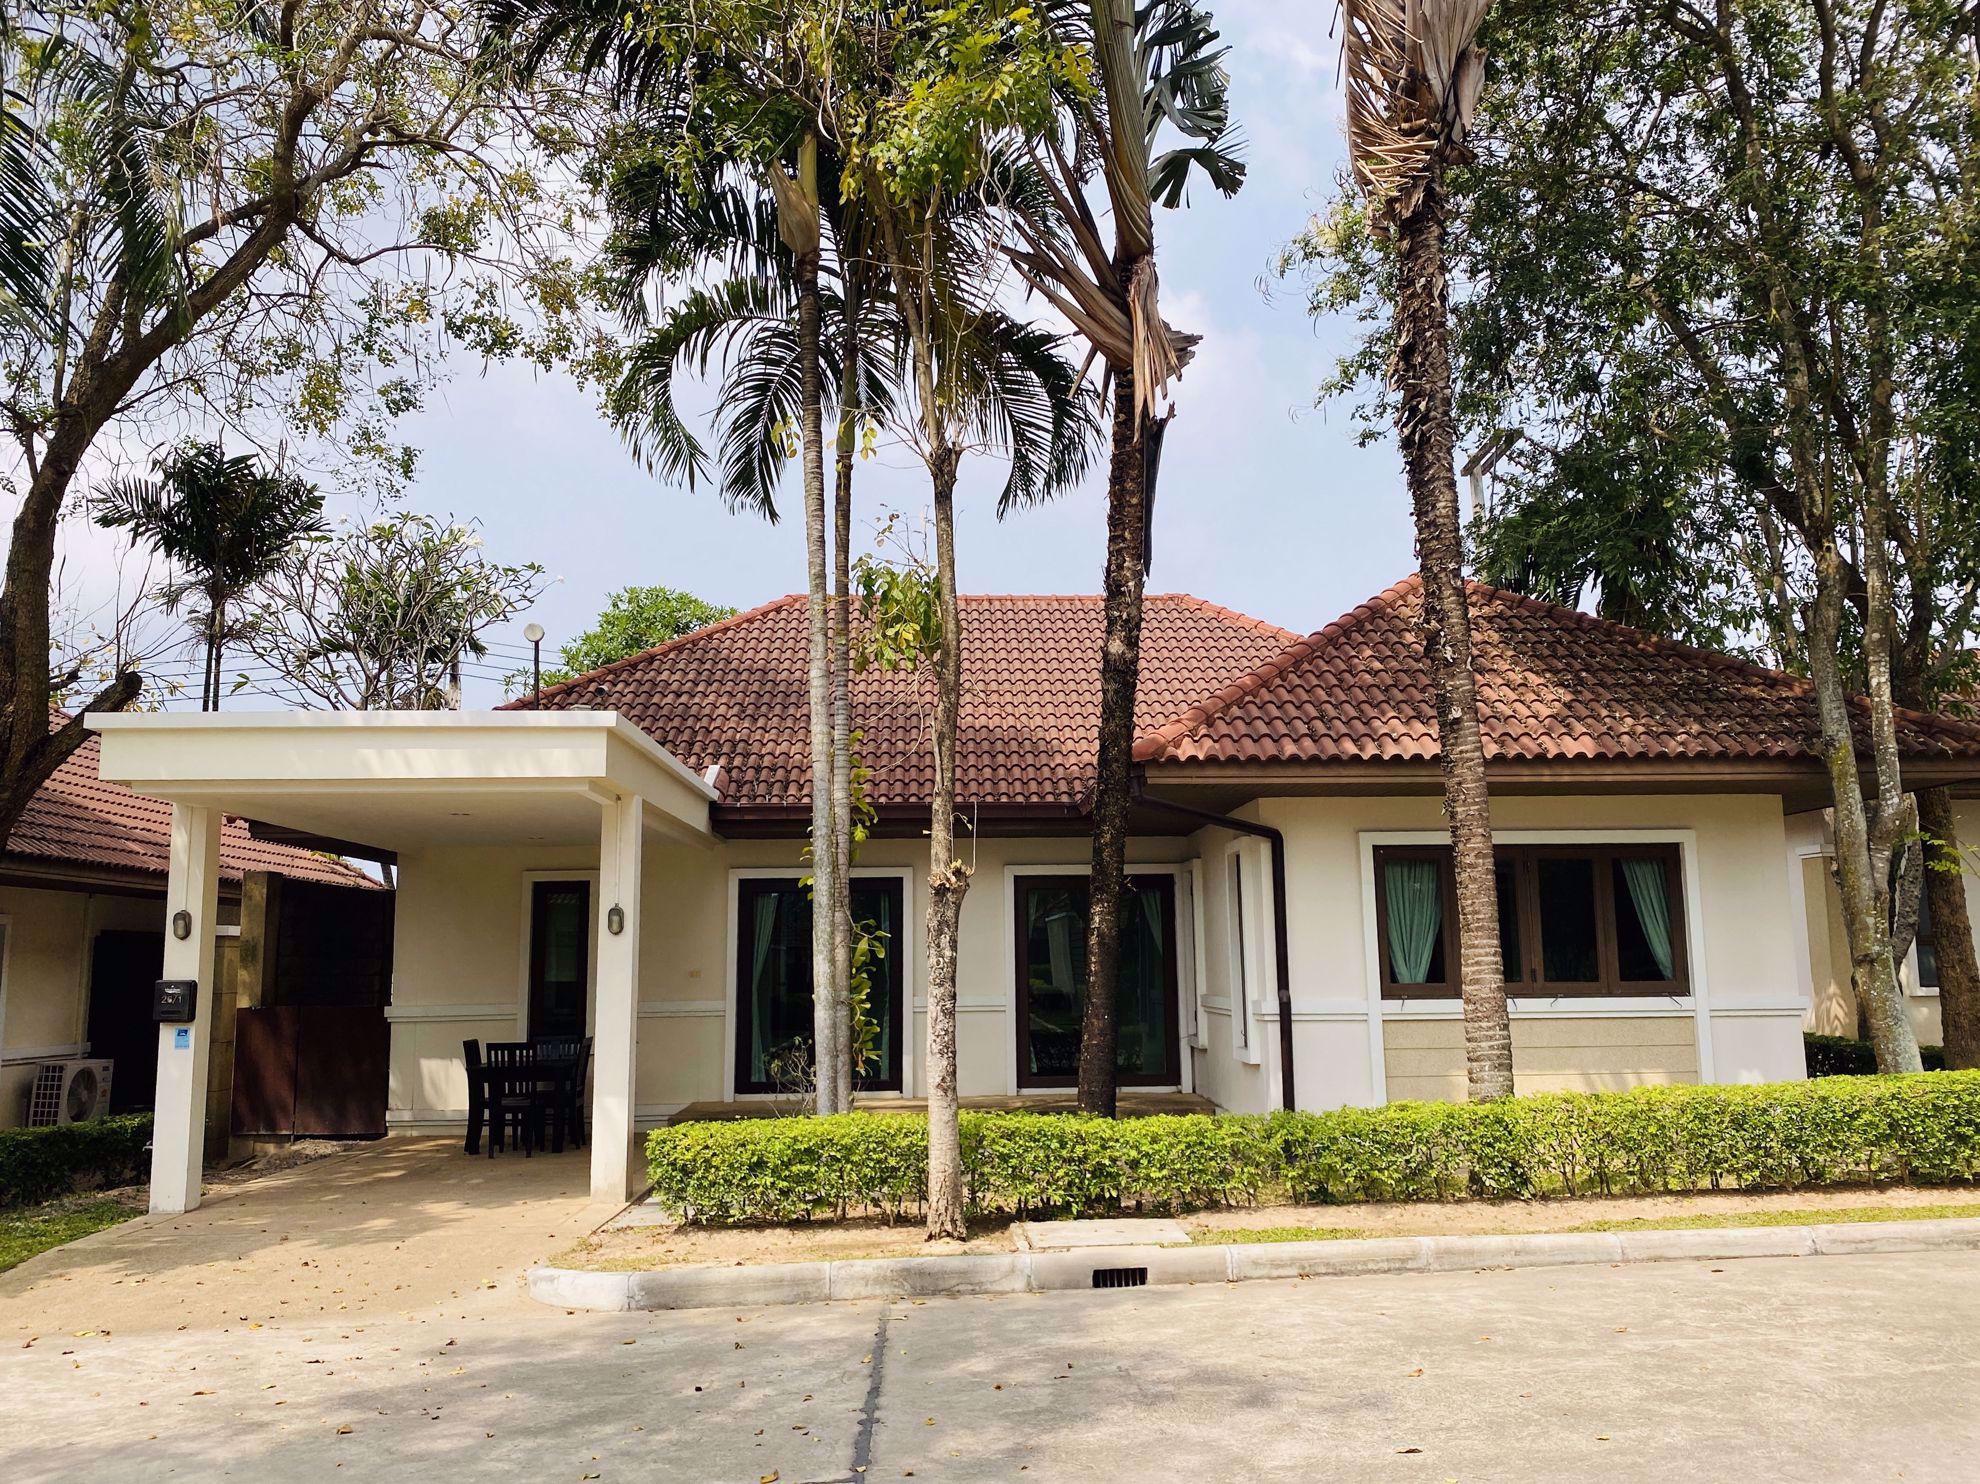 รูปภาพ 3 Bedrooms bed in House in Sefton Park in East Pattaya H009104